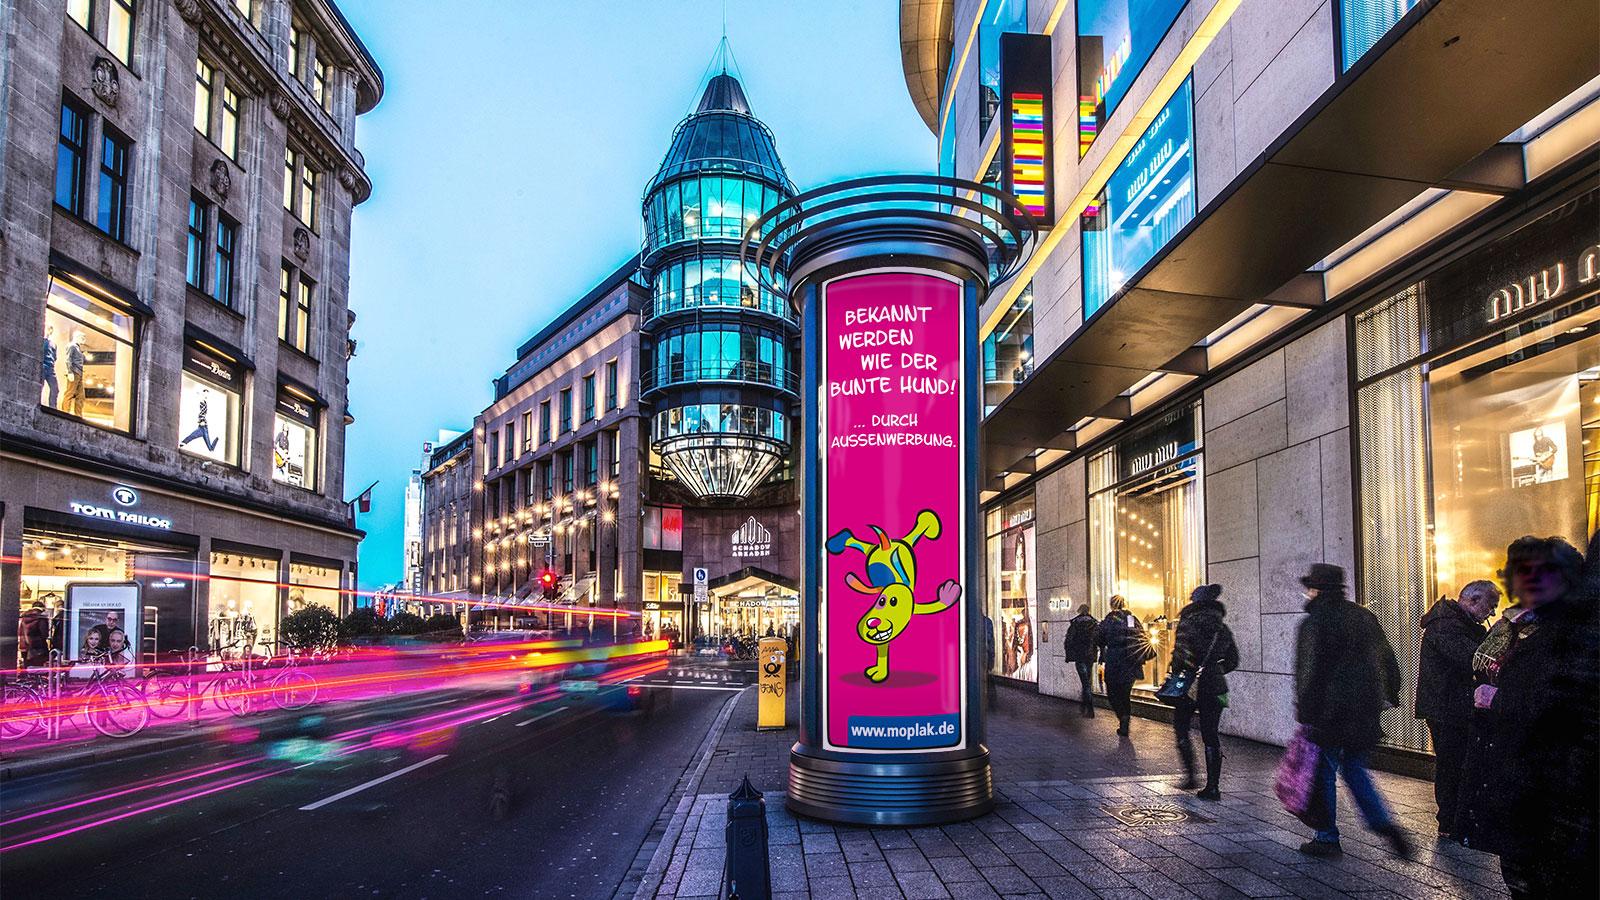 Osnabrueck-Aussenwerbung-Litfasssaeule-Werbung